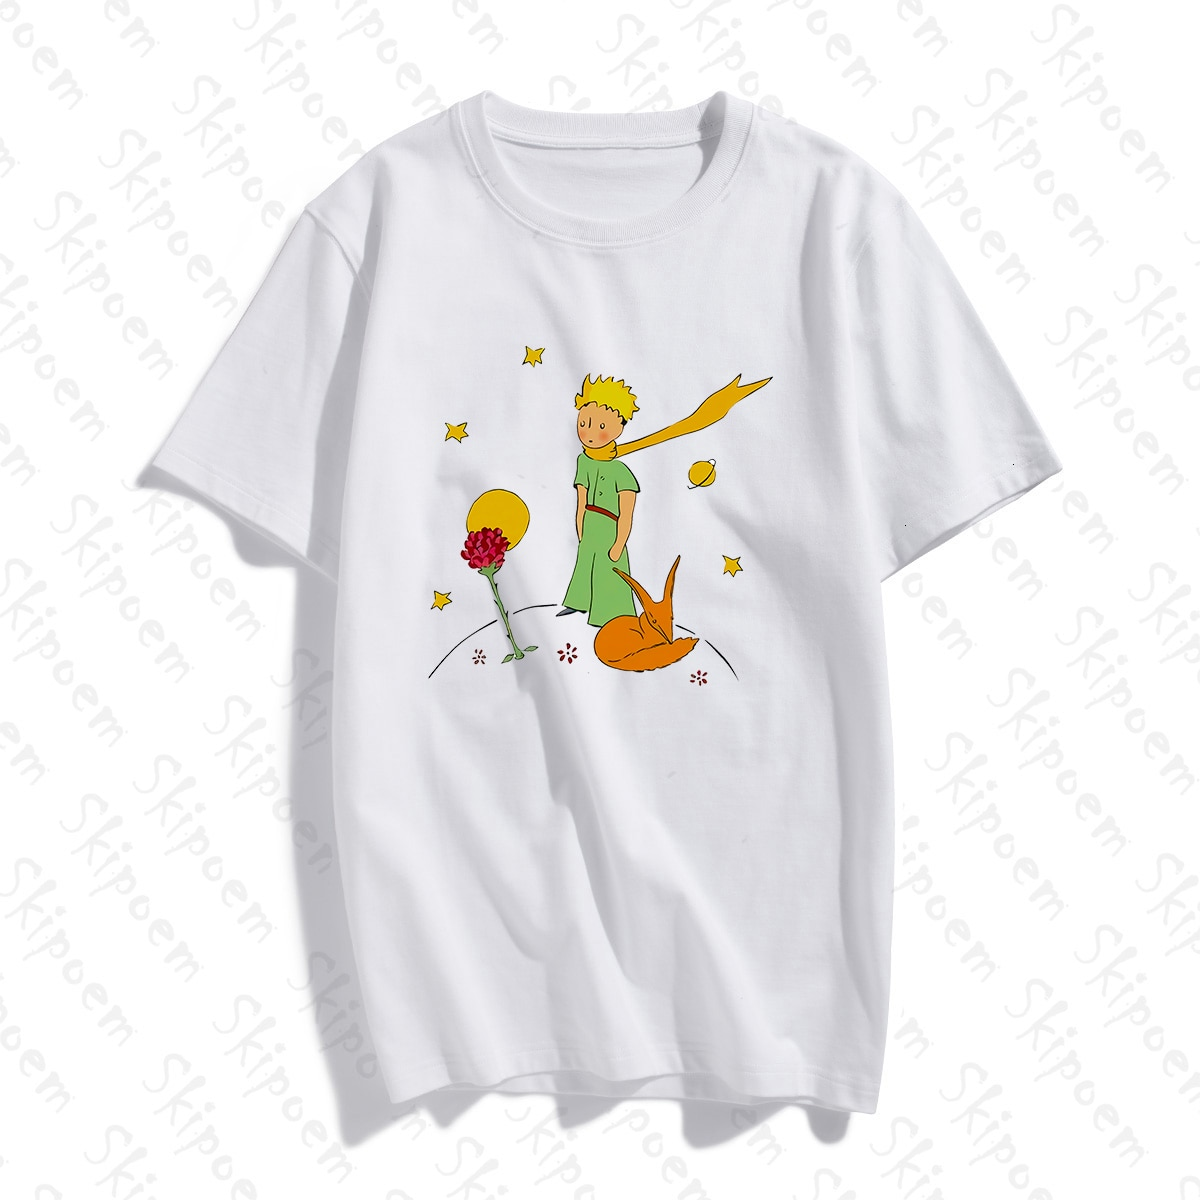 Женская футболка «Маленький принц», новая хлопковая Милая футболка, женские летние топы Harajuku, повседневные винтажные Большие размеры, панк